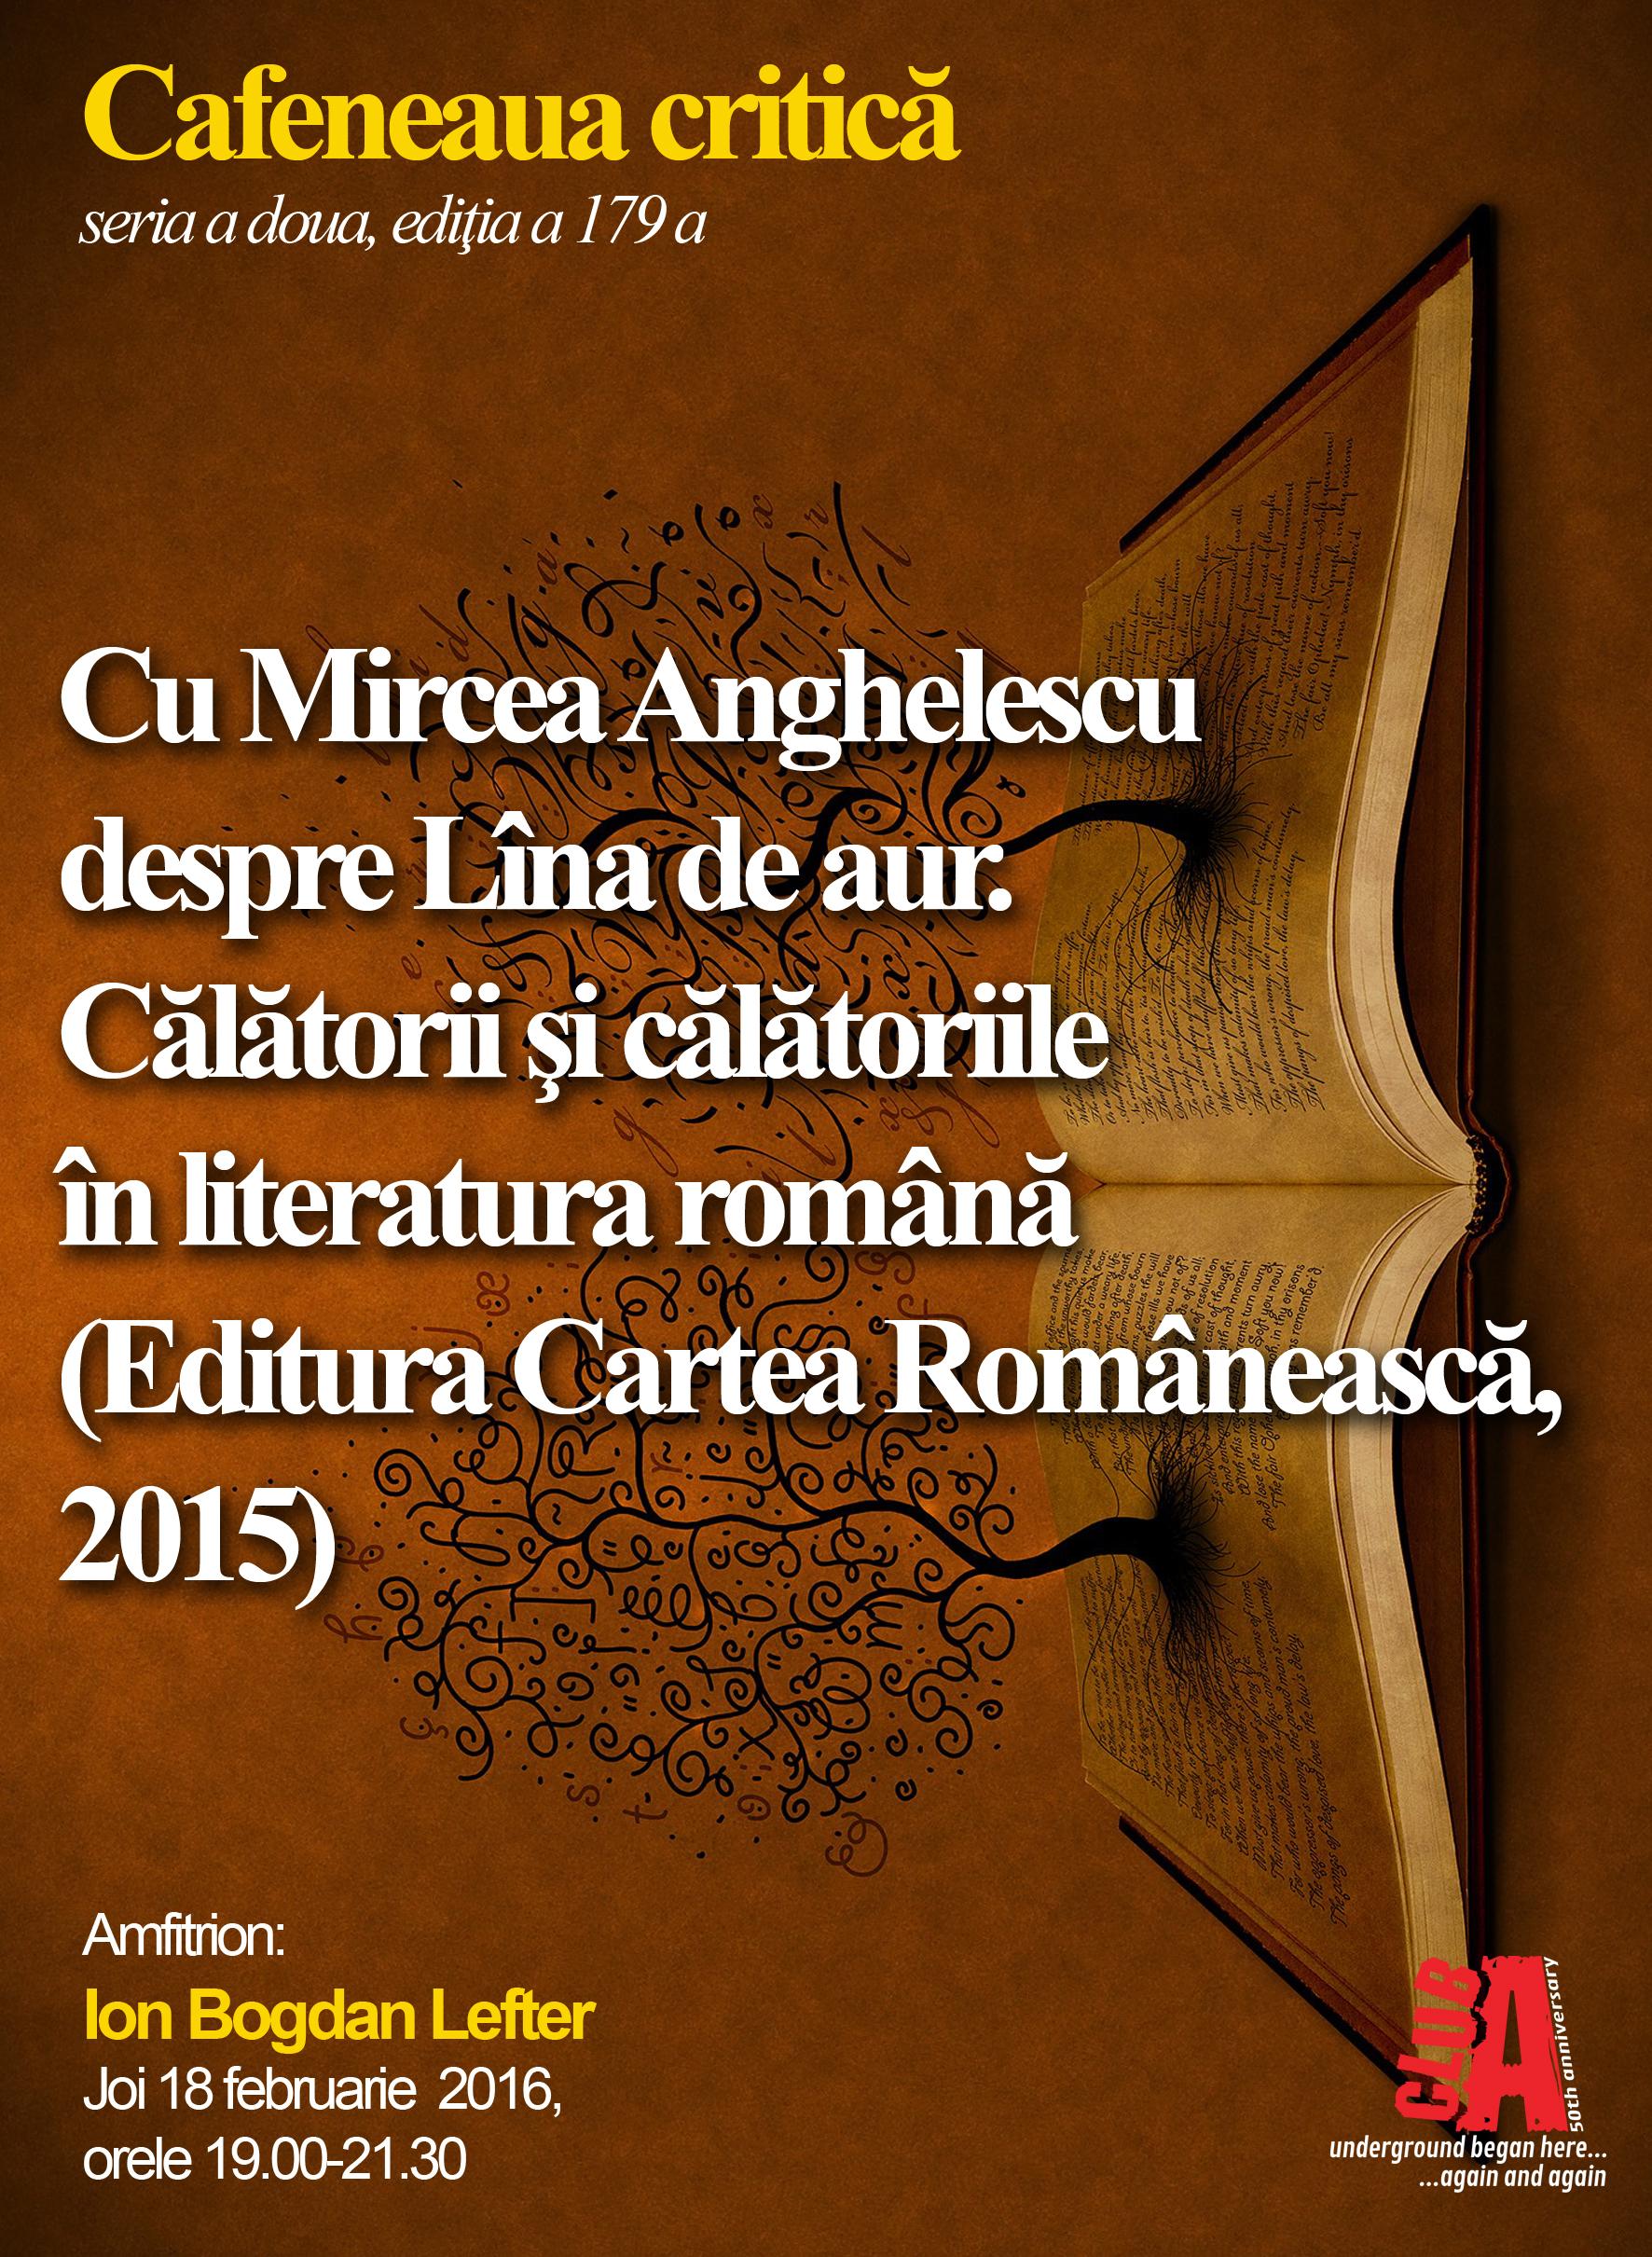 Cafeneaua critica 179 Mircea Anghelescu AFIS.doc